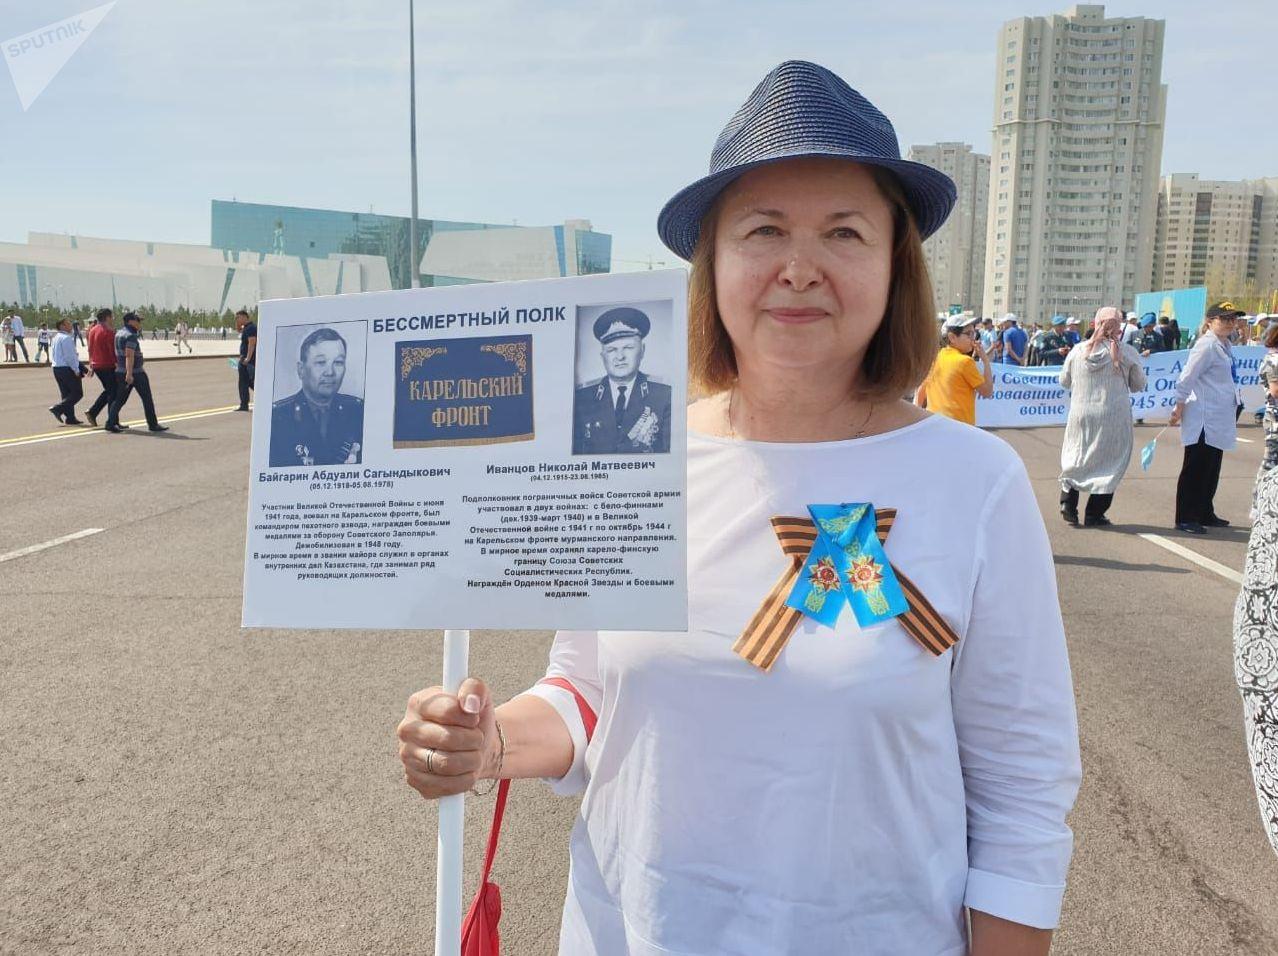 Участница акции Бессмертный полк Елена Байгарина с портретами отца и свекра